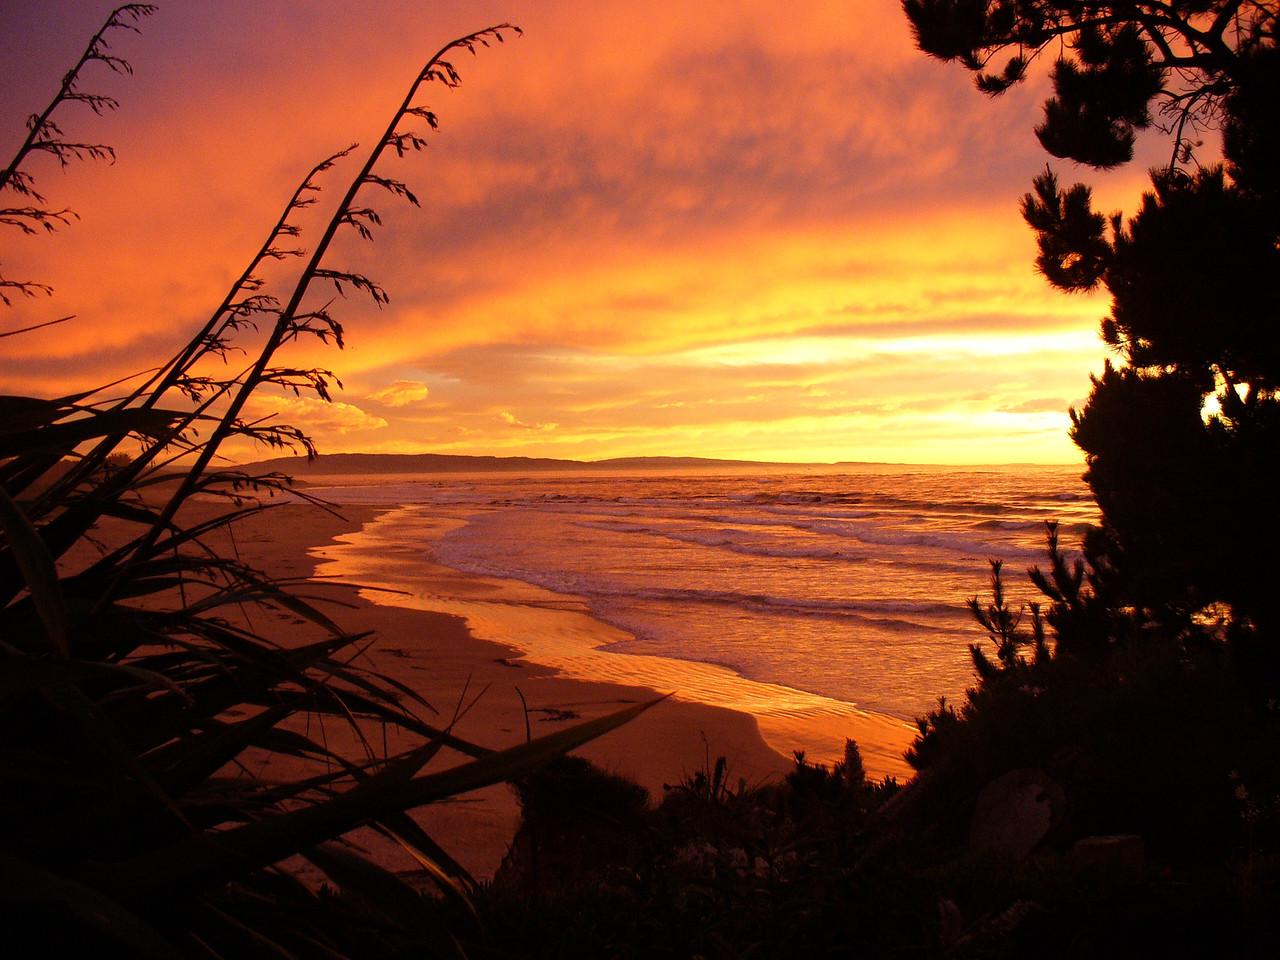 Sunrise, Southland, nil photoshopping